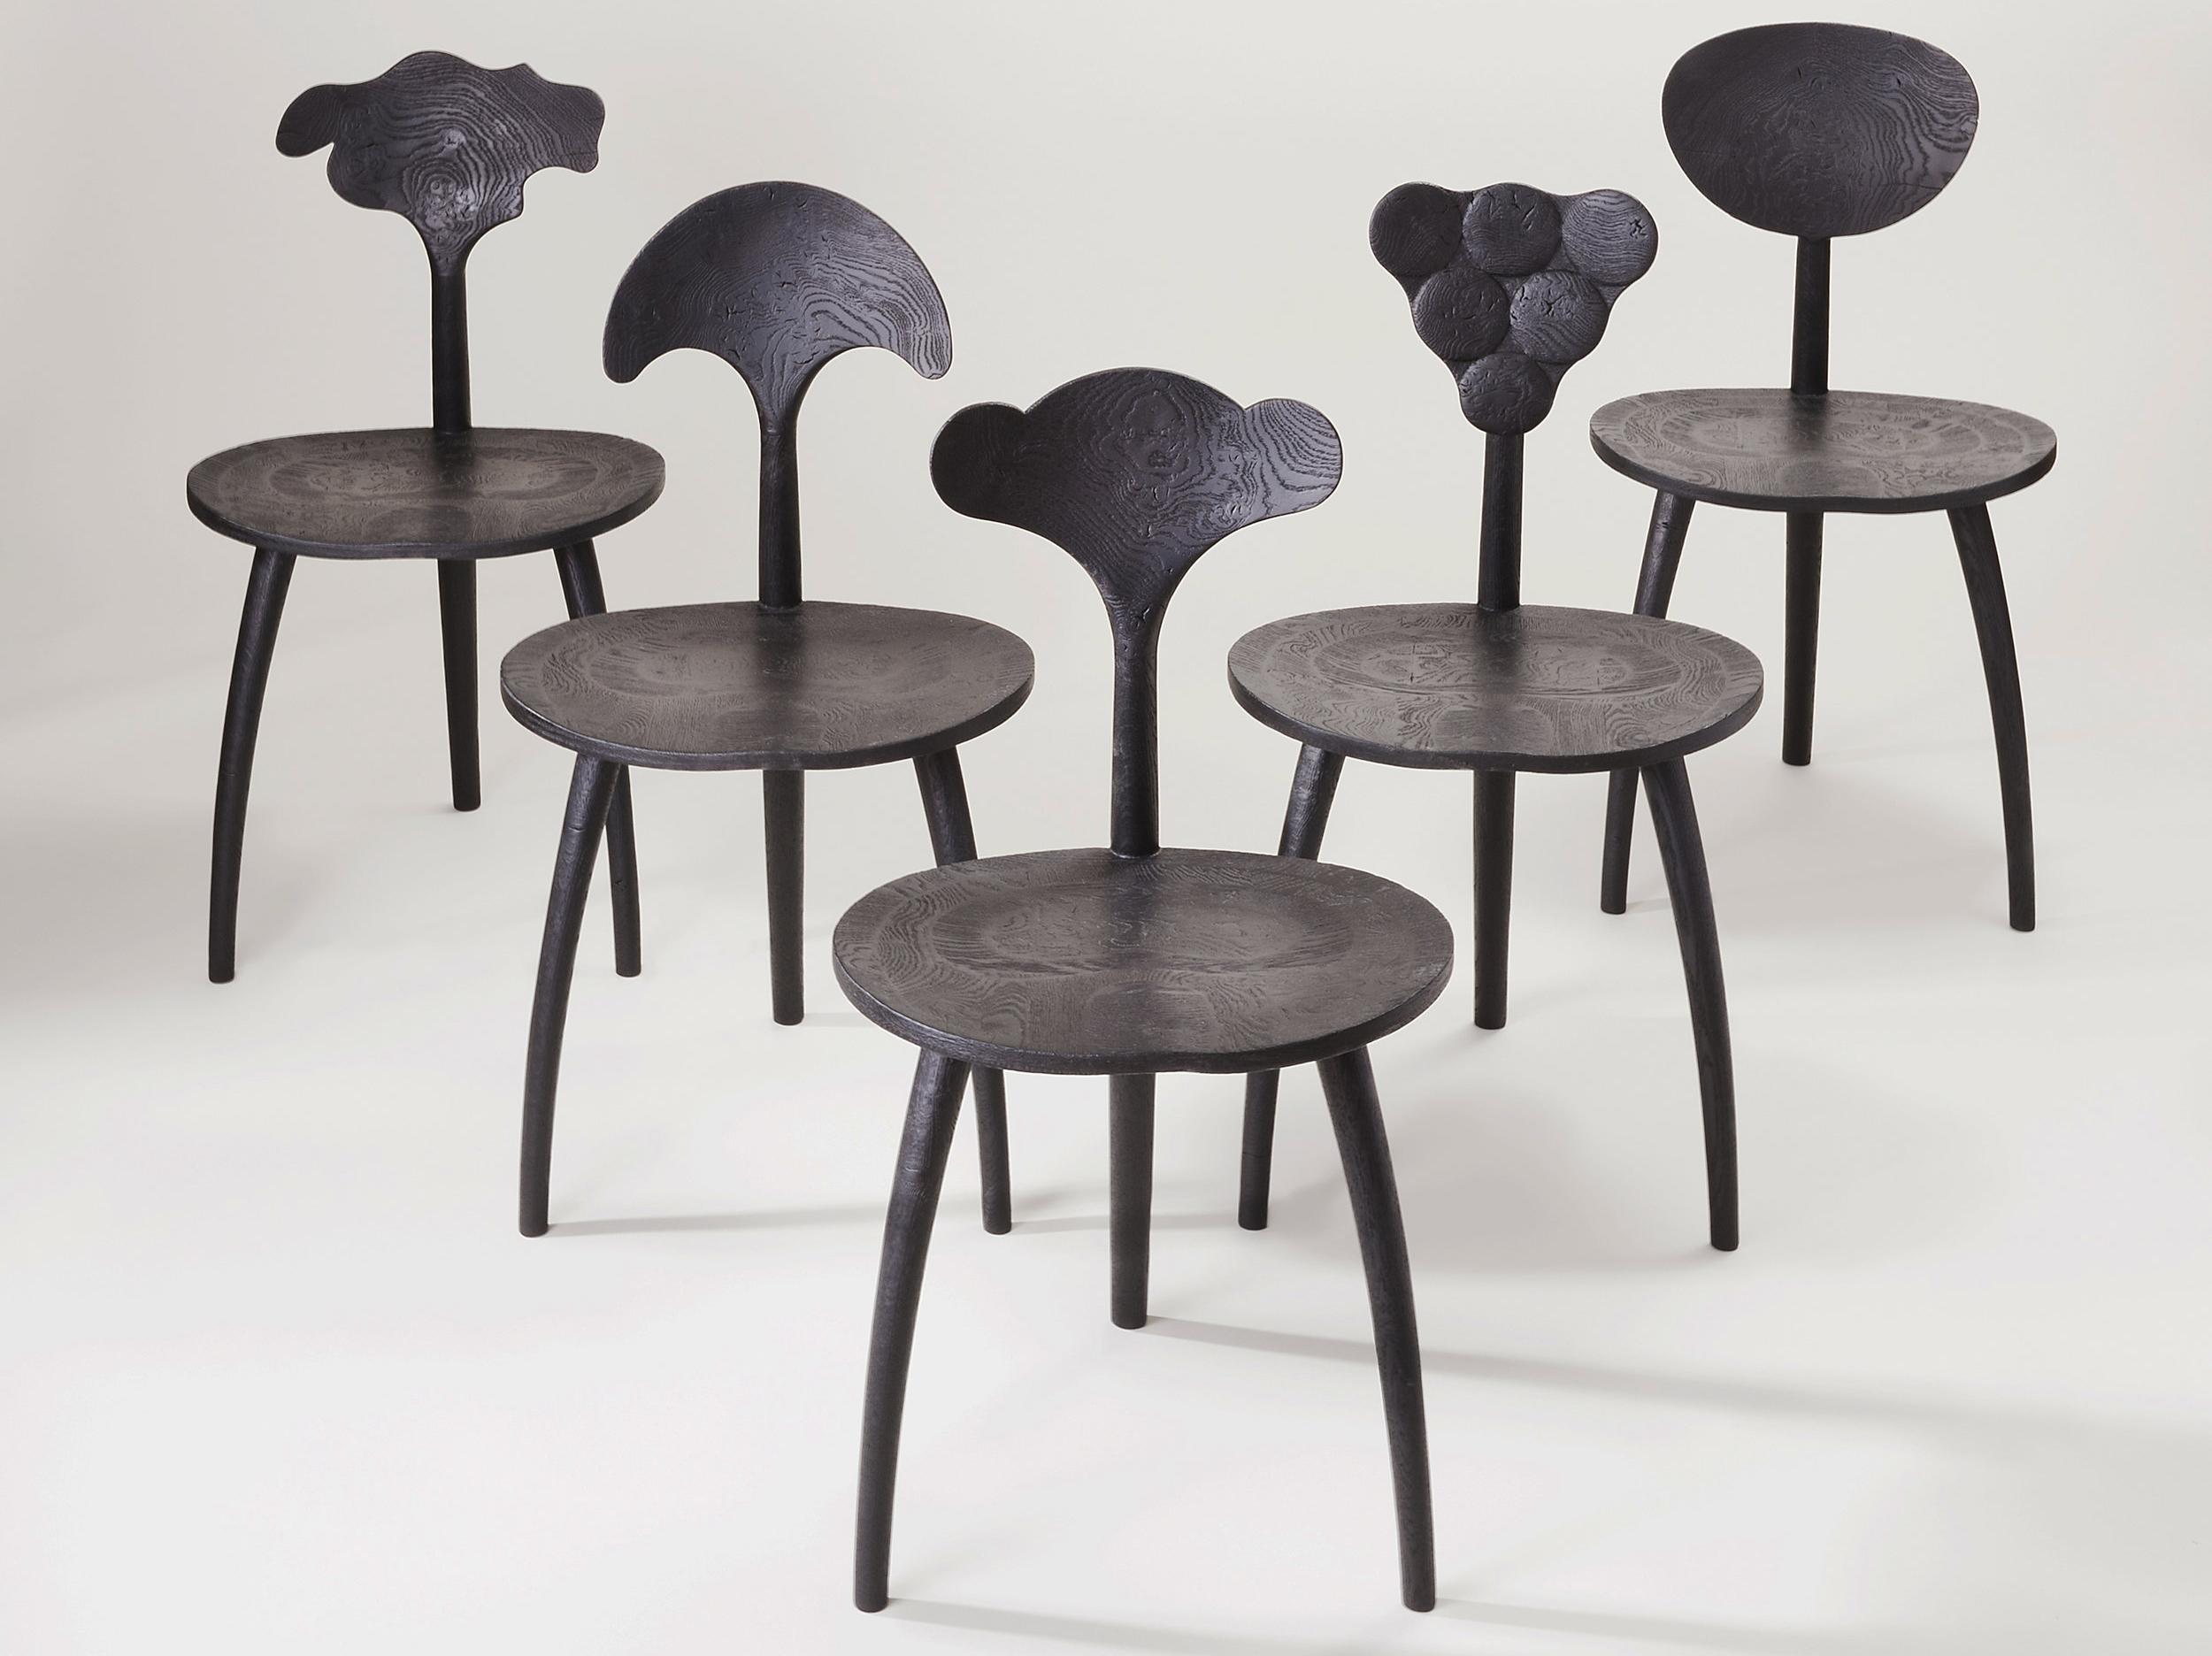 Trine Chair, 2017